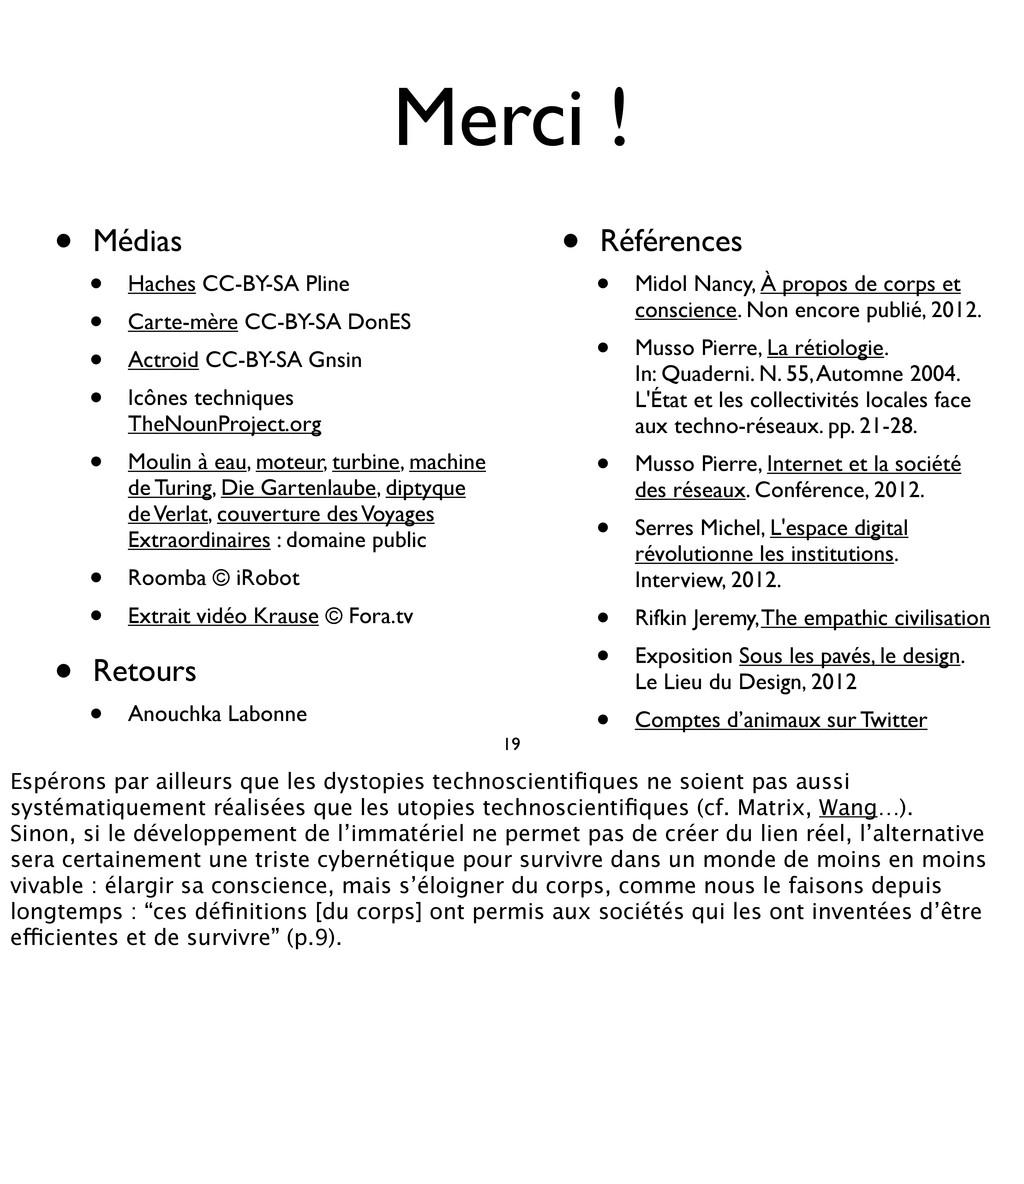 • Médias • Haches CC-BY-SA Pline • Carte-mère C...